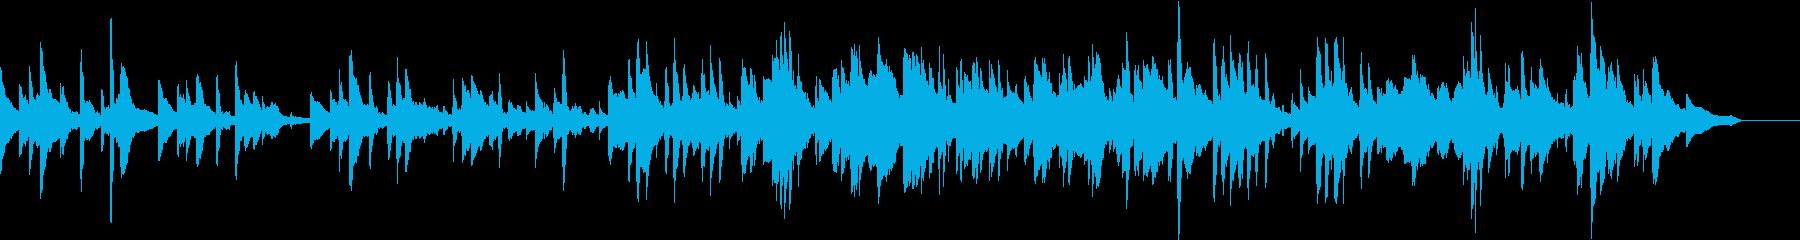 生演奏 悲しげなメロディのピアノの再生済みの波形